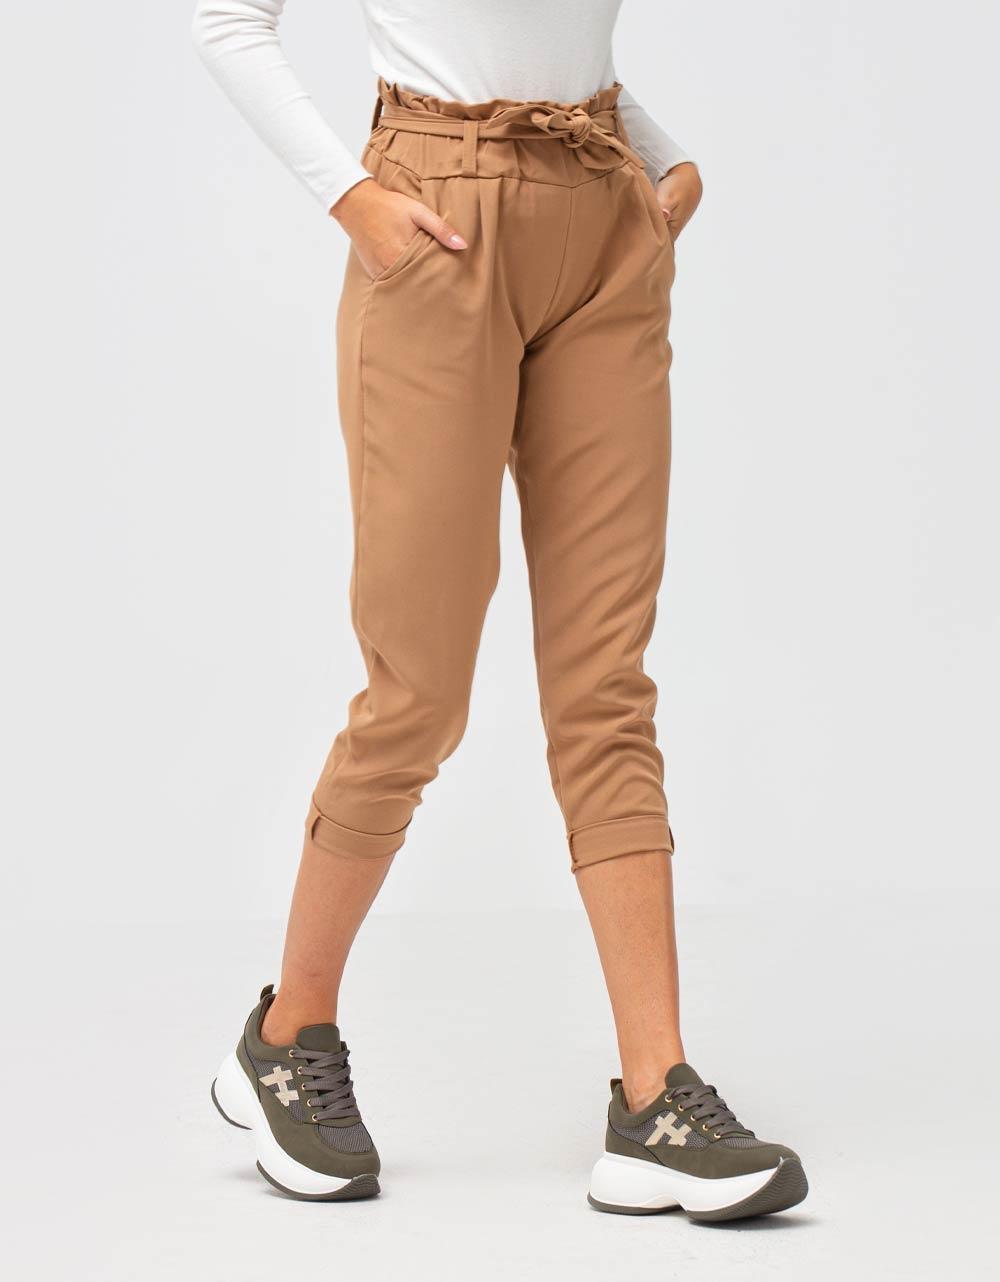 Εικόνα από Γυναικείο παντελόνι ψηλόμεσο Μπεζ